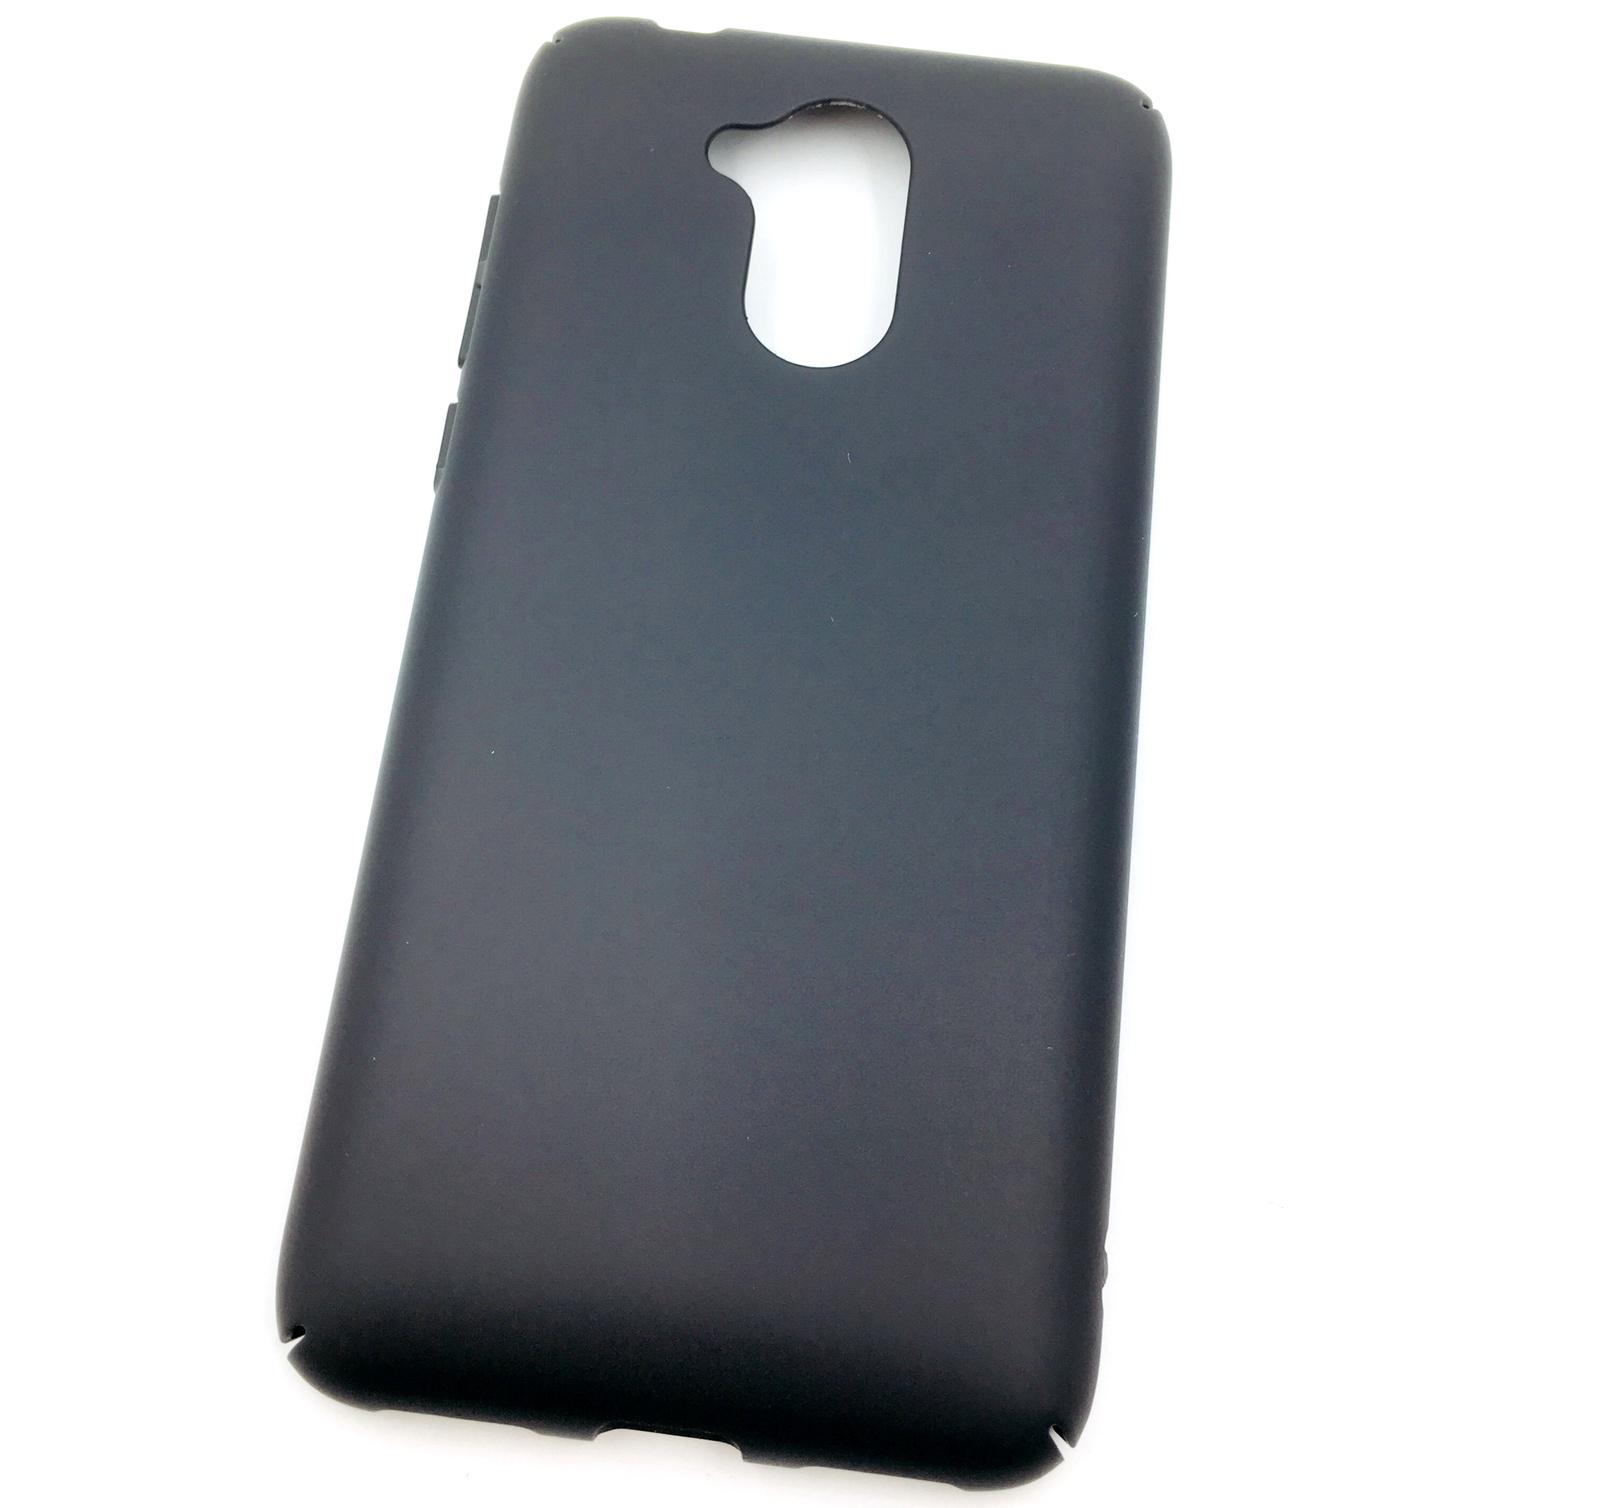 Чехол для сотового телефона Мобильная мода Honor 6A Накладка пластиковая с матовым противоскользящим покрытием, черный